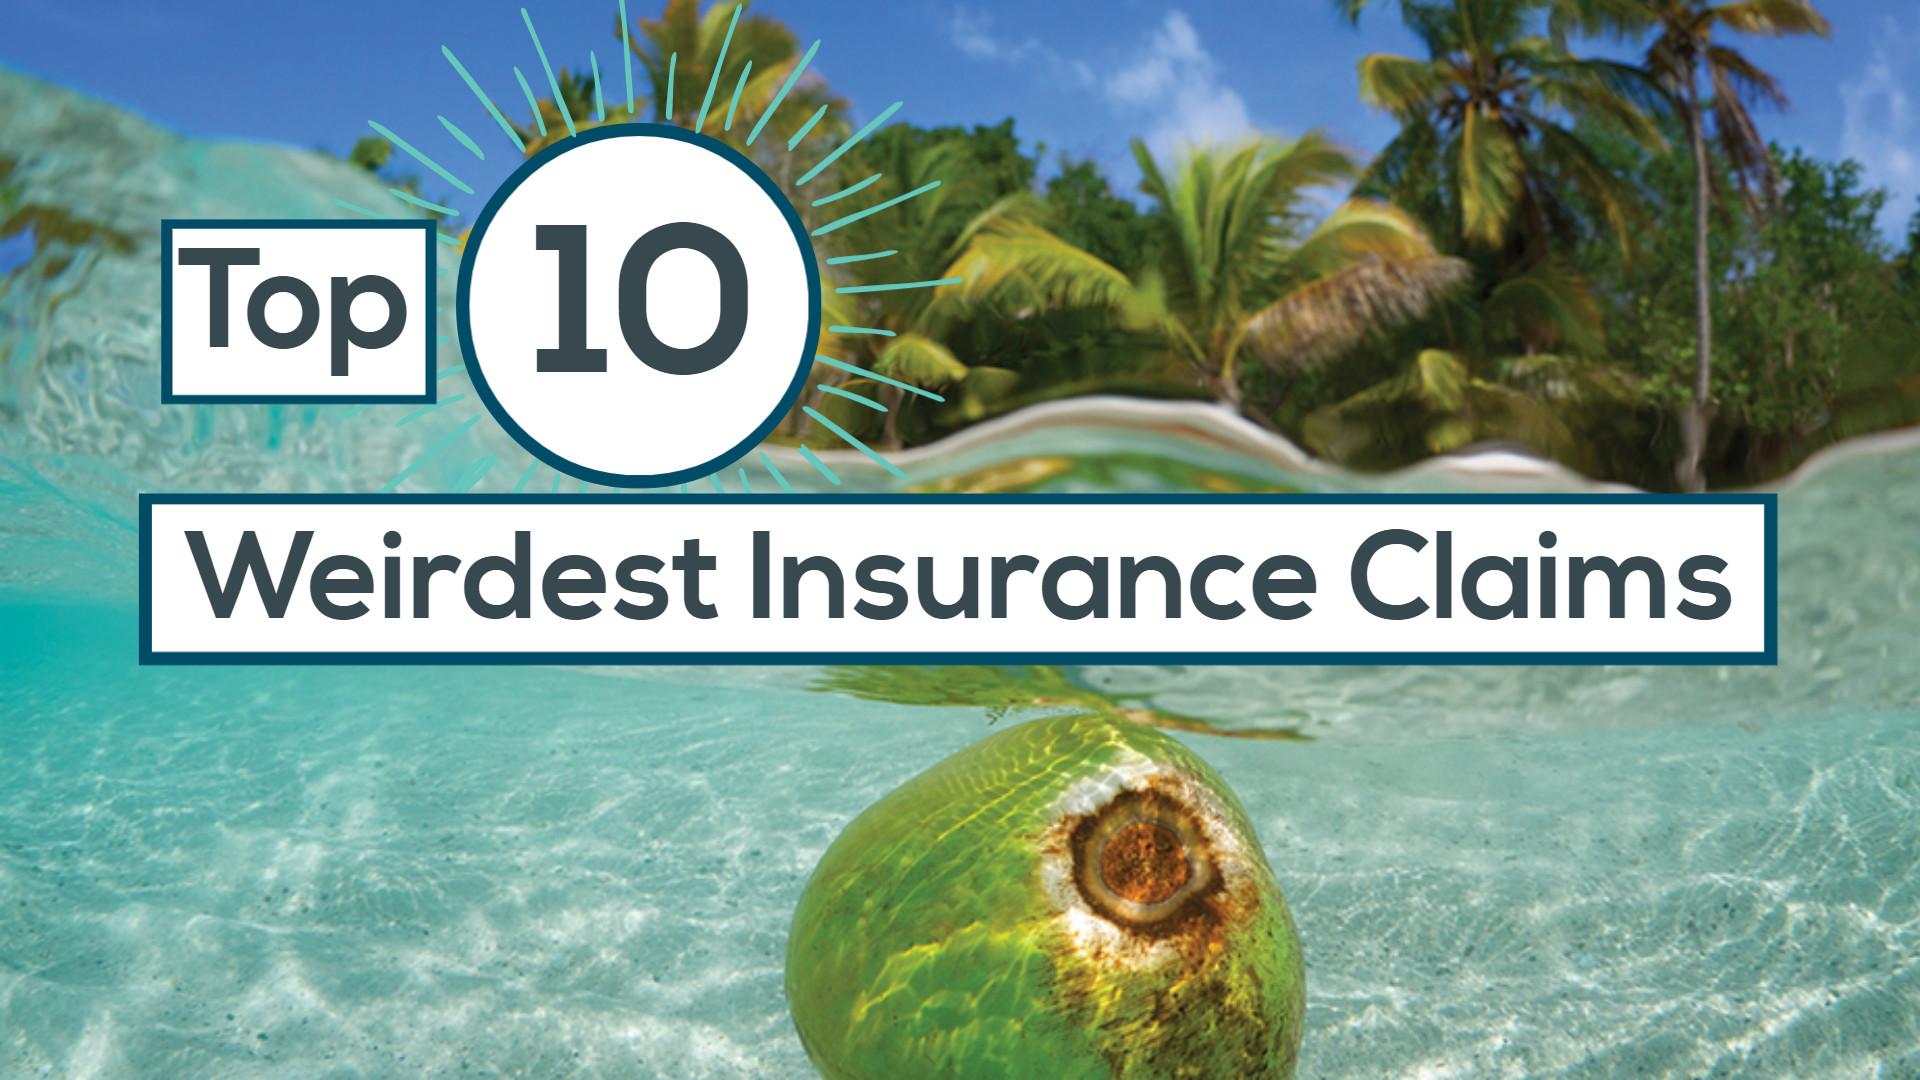 Weirdest insurance claims